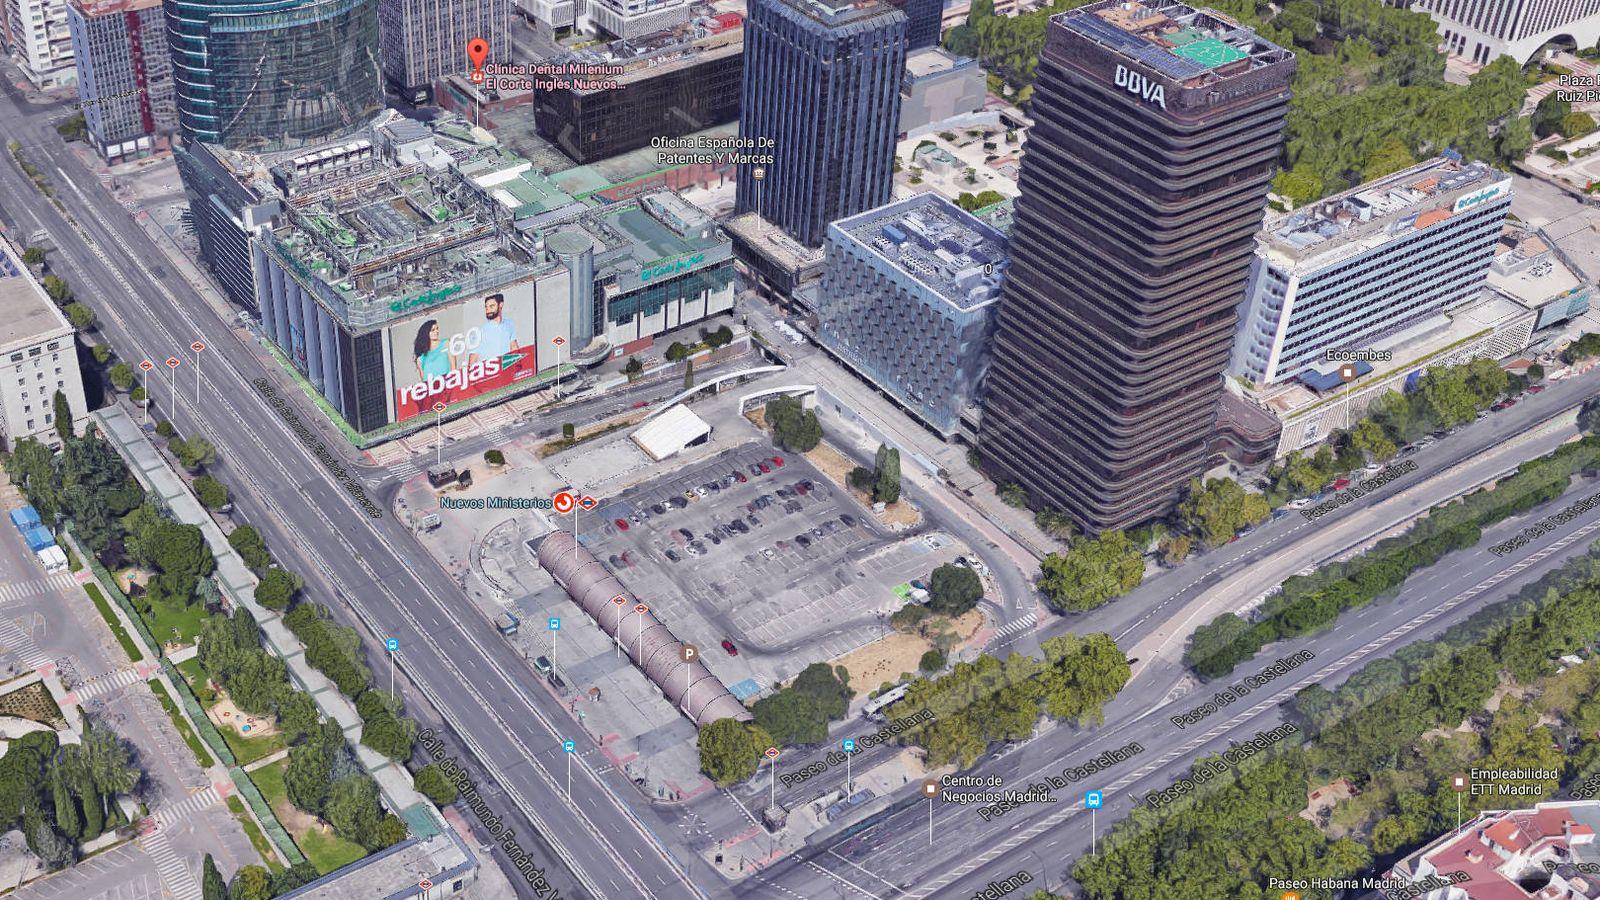 Foto: Terrenos donde El Corte Inglés ampliará su actual centro de Nuevos Ministerios. (Google Maps)